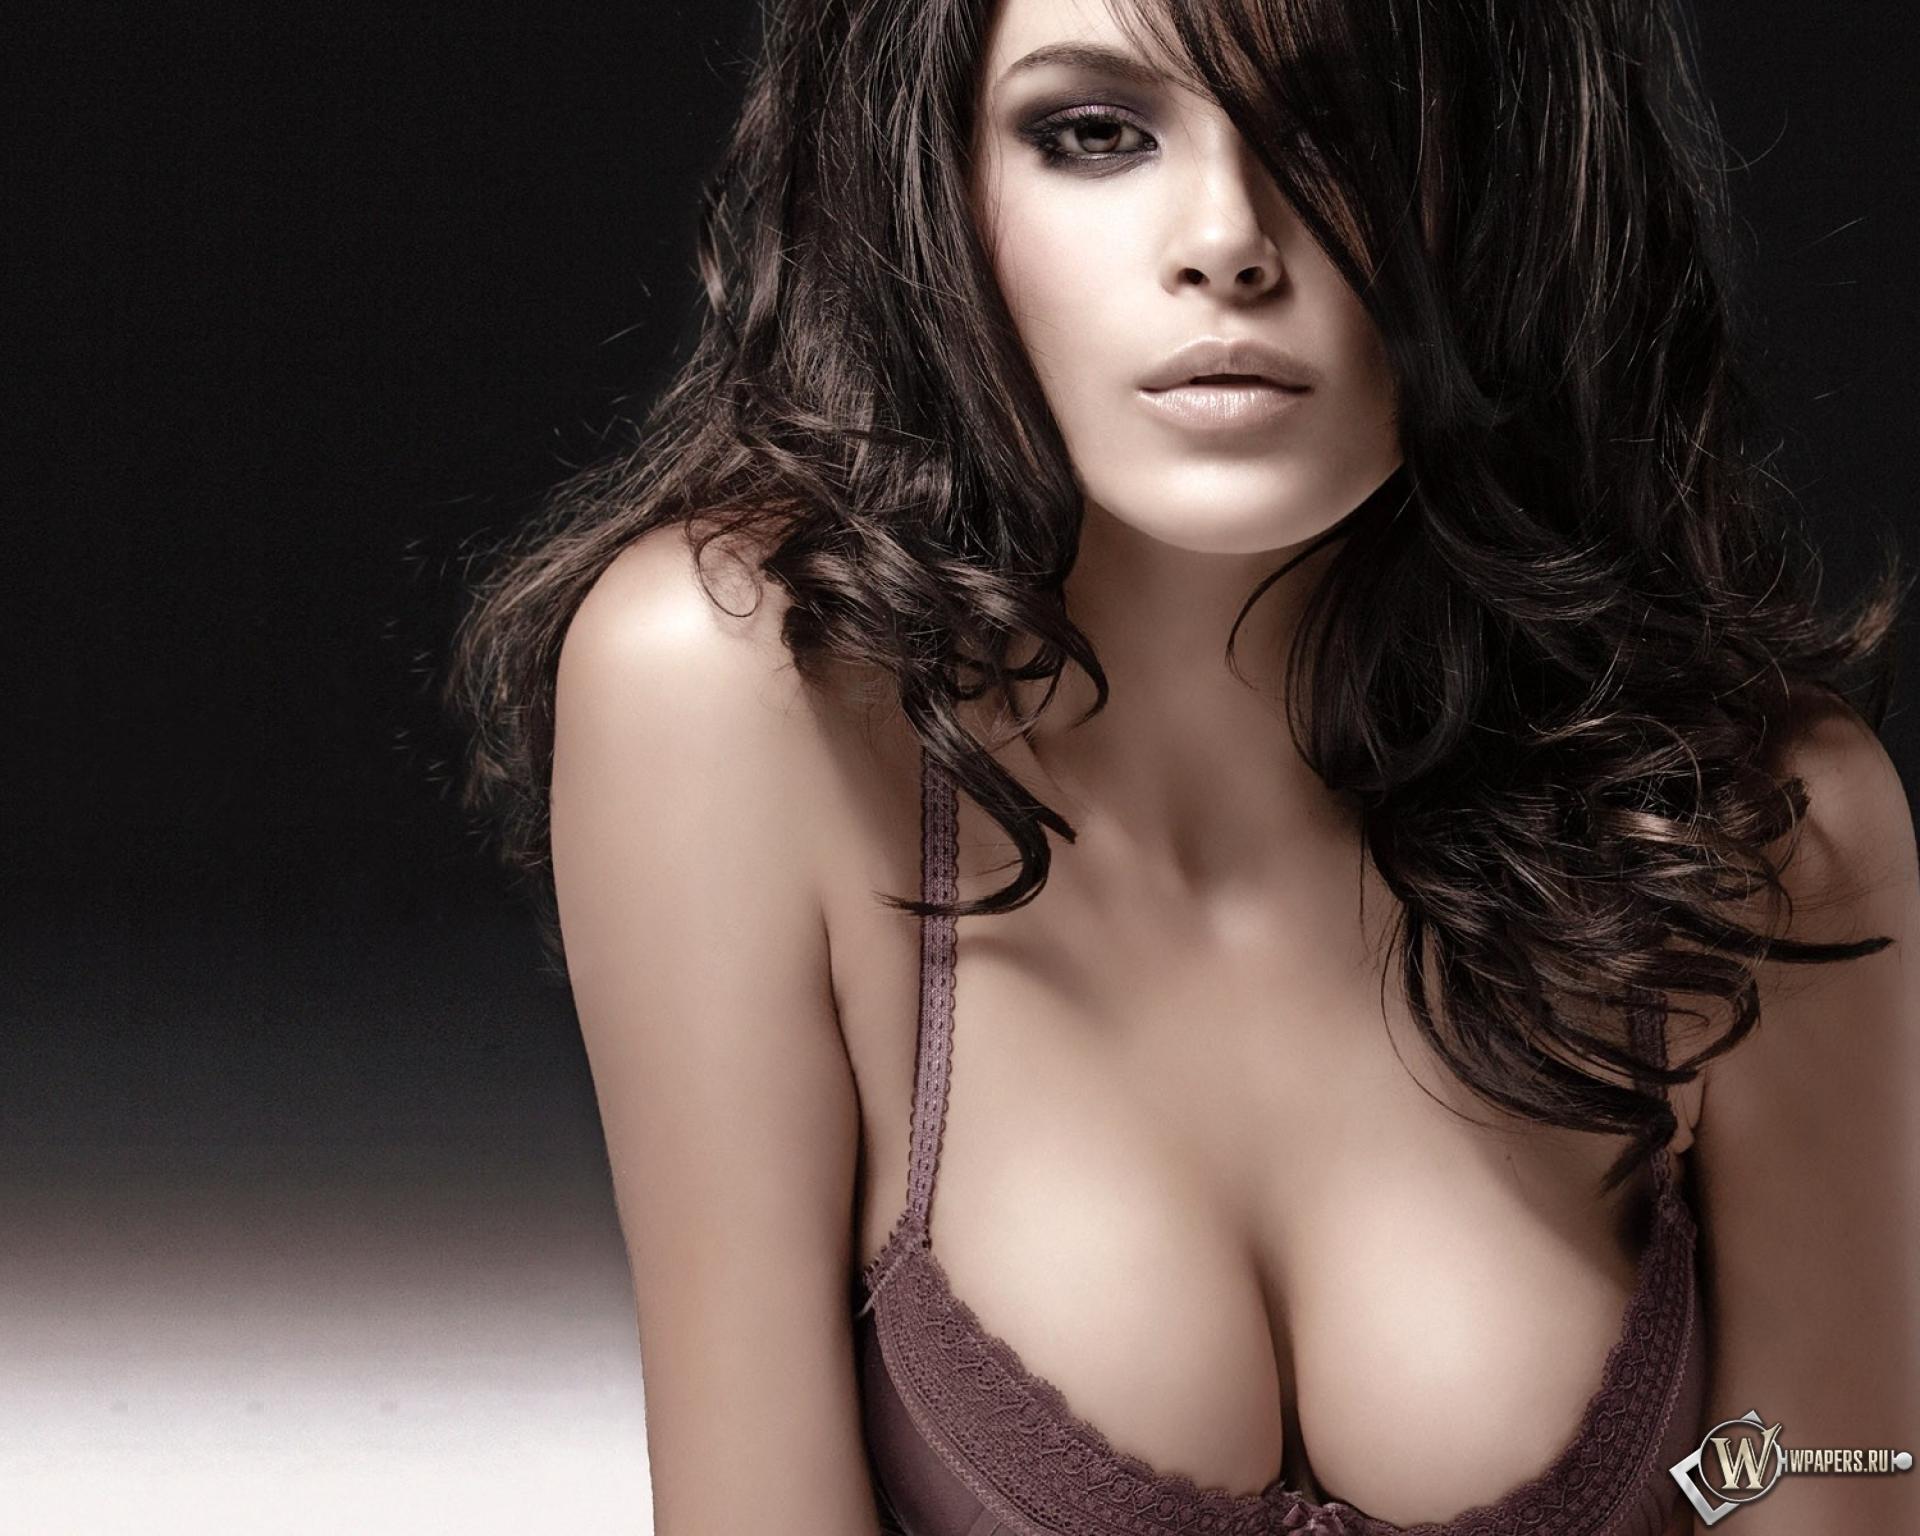 Посмотреть женскую грудь 14 фотография